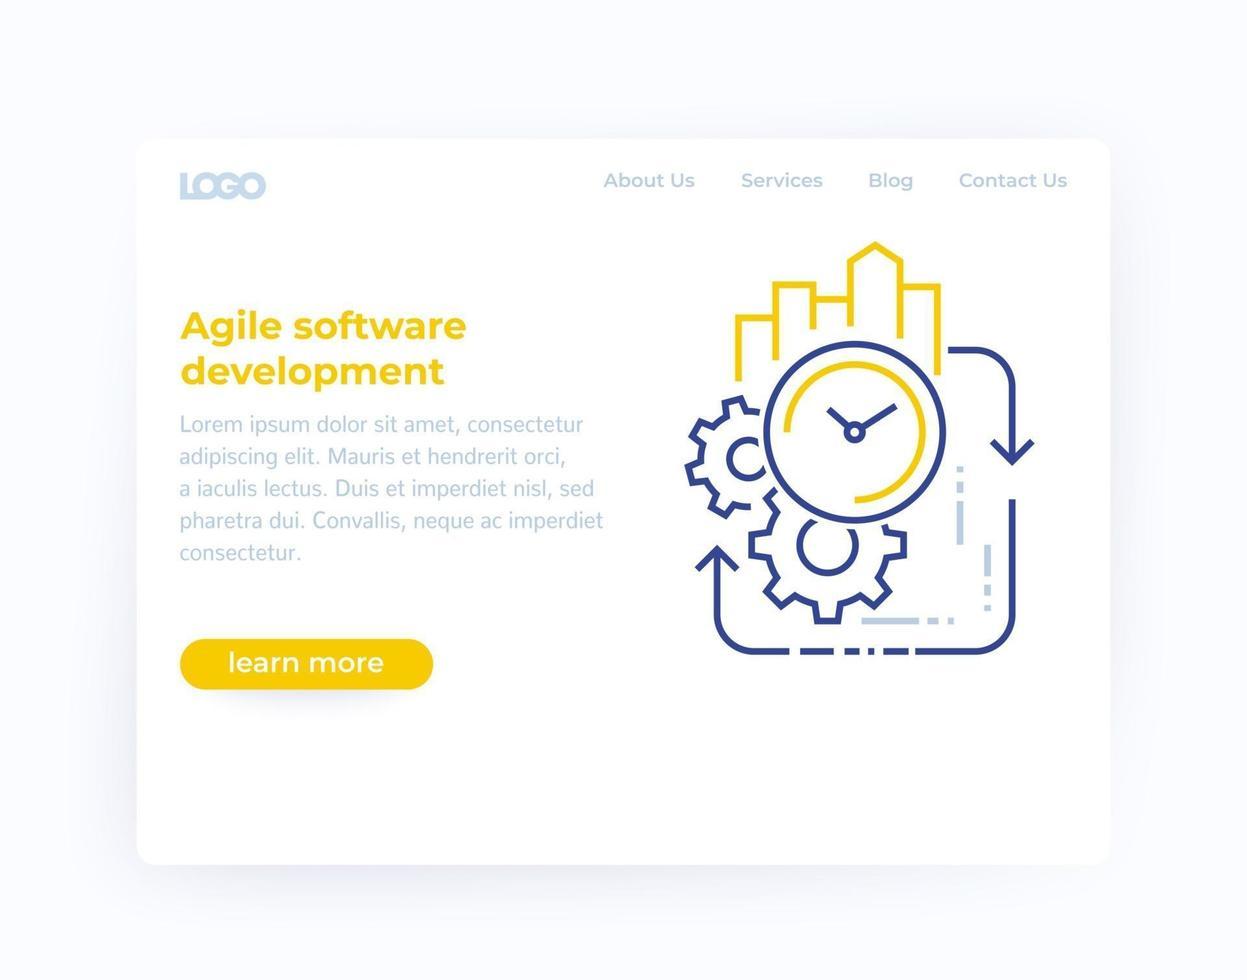 desenvolvimento ágil de software, website template.eps vetor